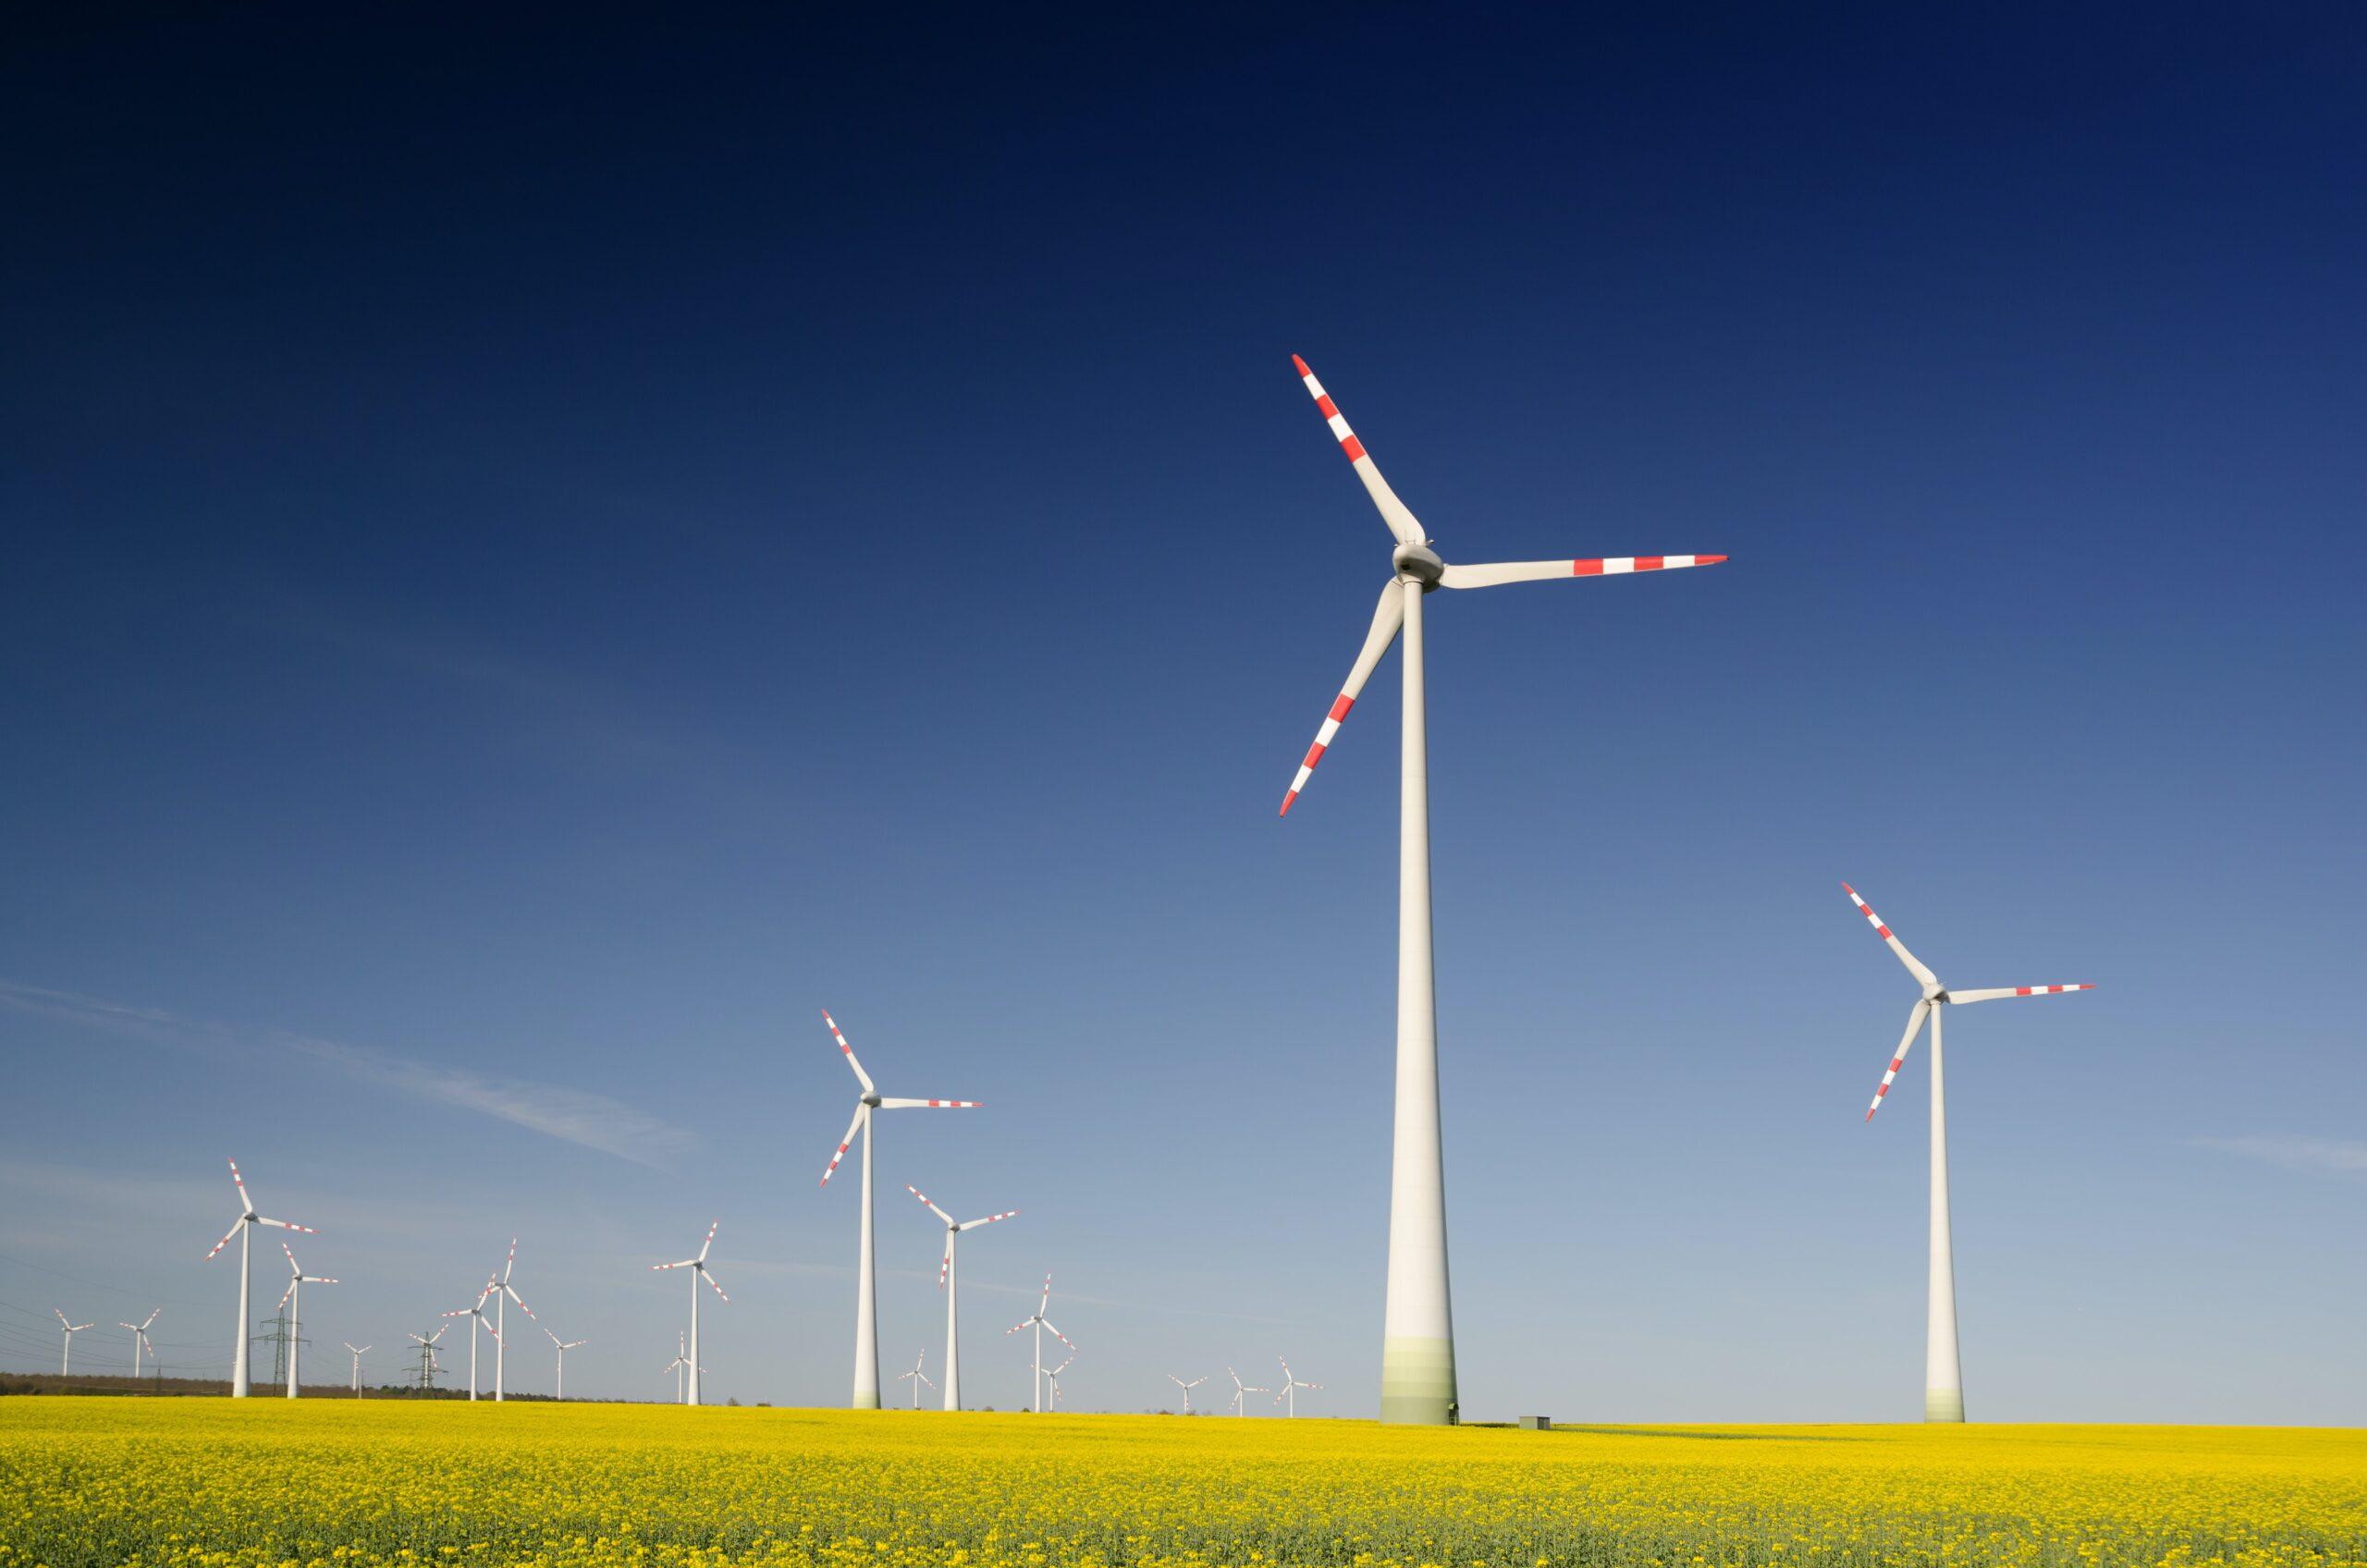 「目標7. エネルギーをみんなに そしてクリーンに」のターゲット